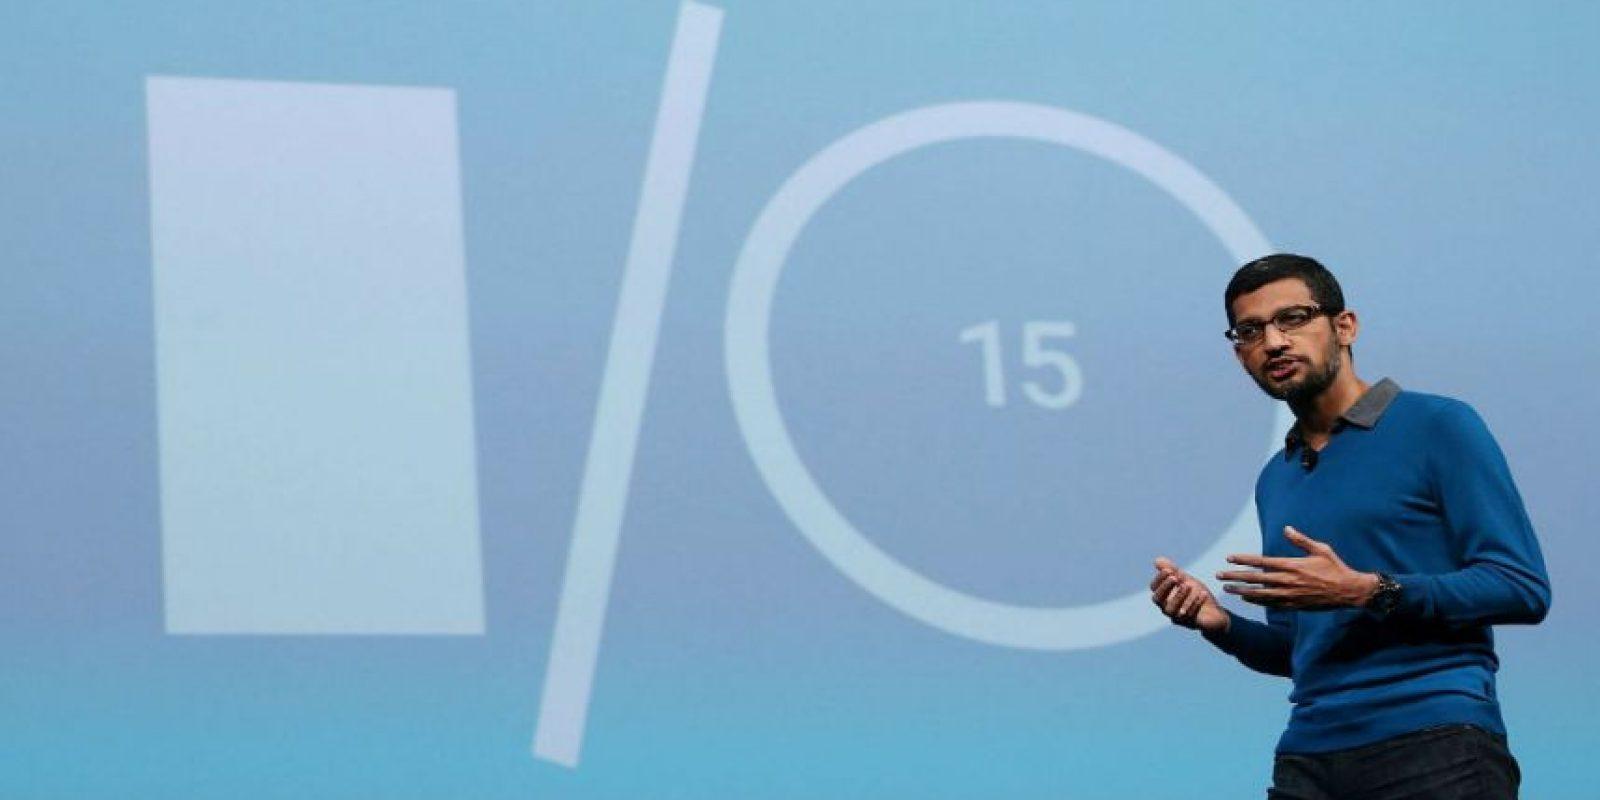 En ella se anuncian los nuevos productos de la compañía Foto:Getty Images. Imagen Por: